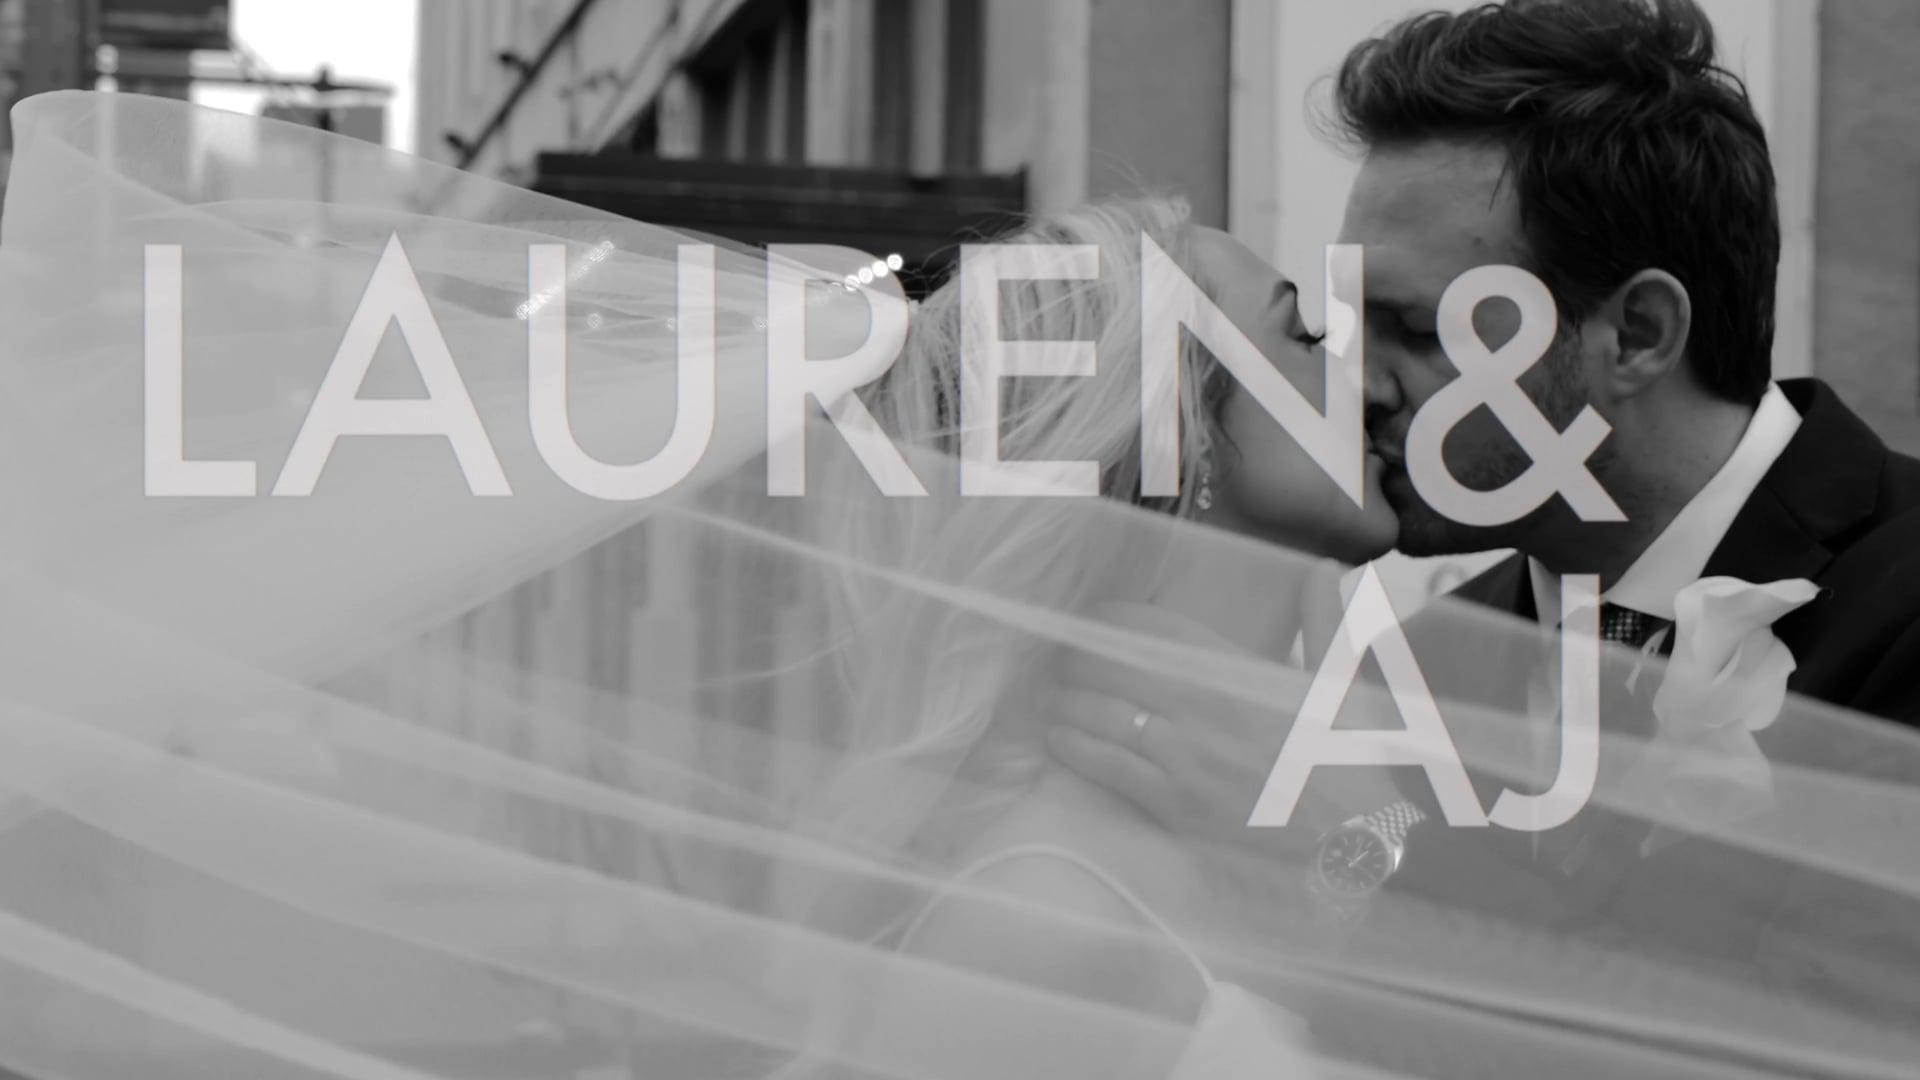 Lauren & AJ Teaser 4K